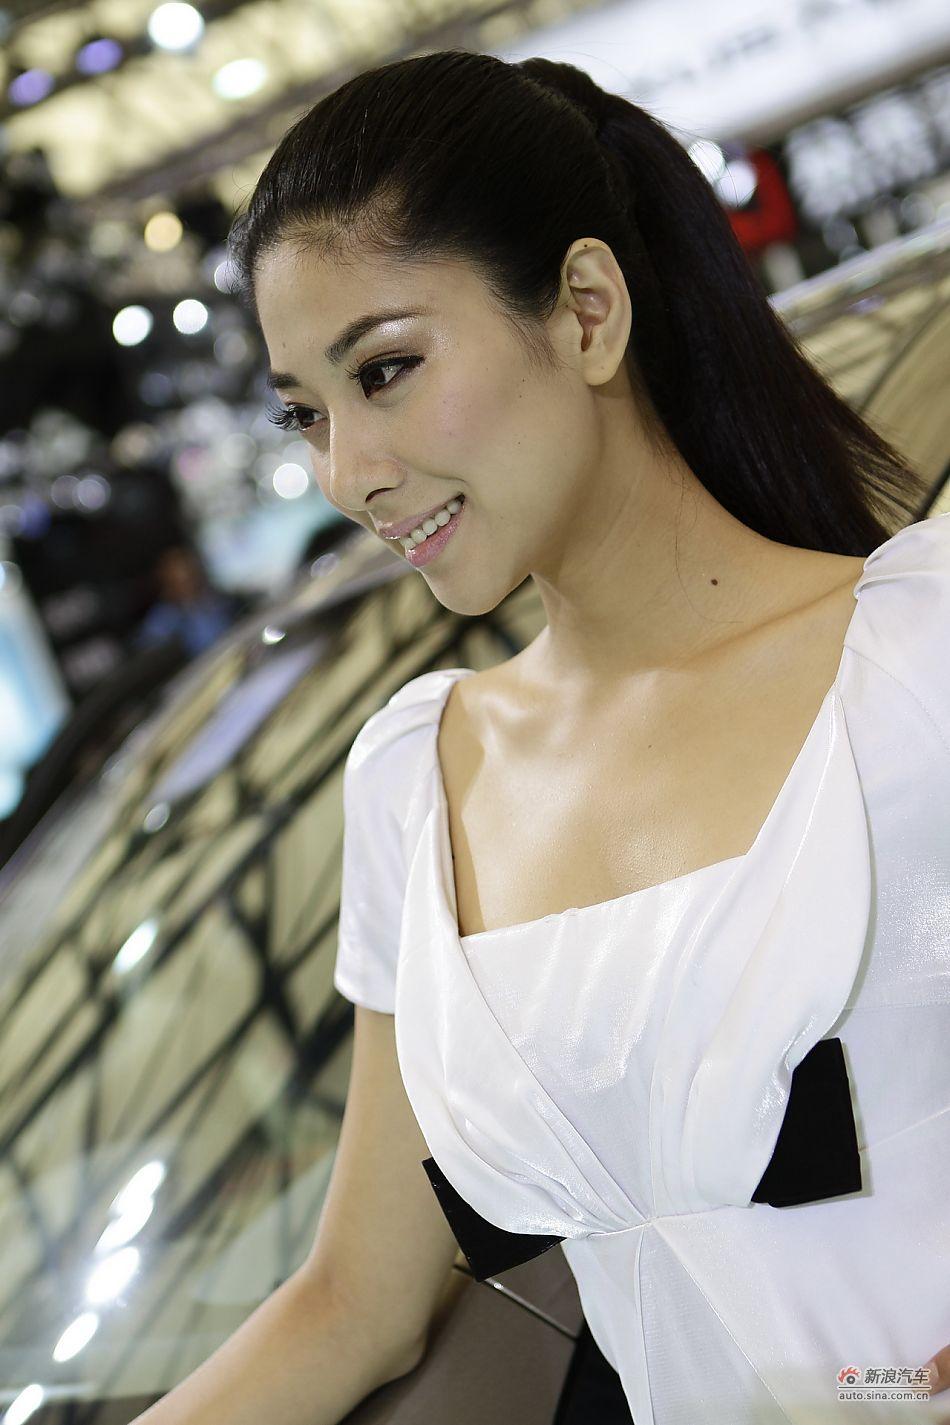 英语怎么说啊 china import and export fair no.33 1st floor, 高清图片